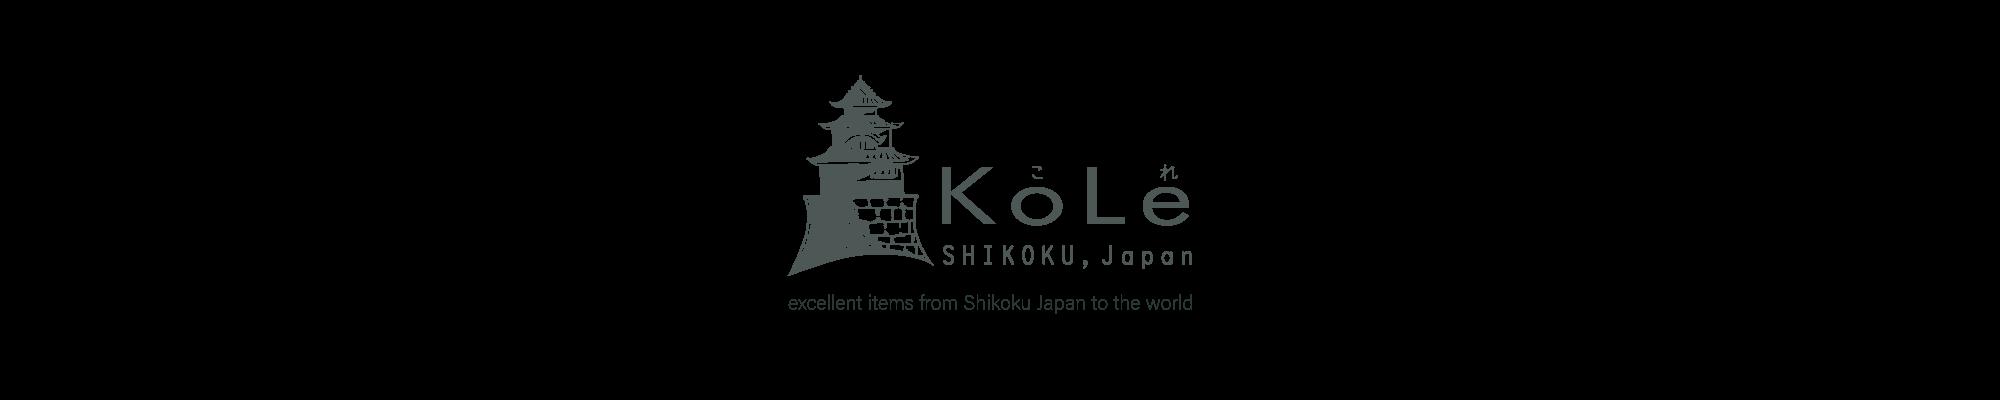 KoLe Shikoku, Japan